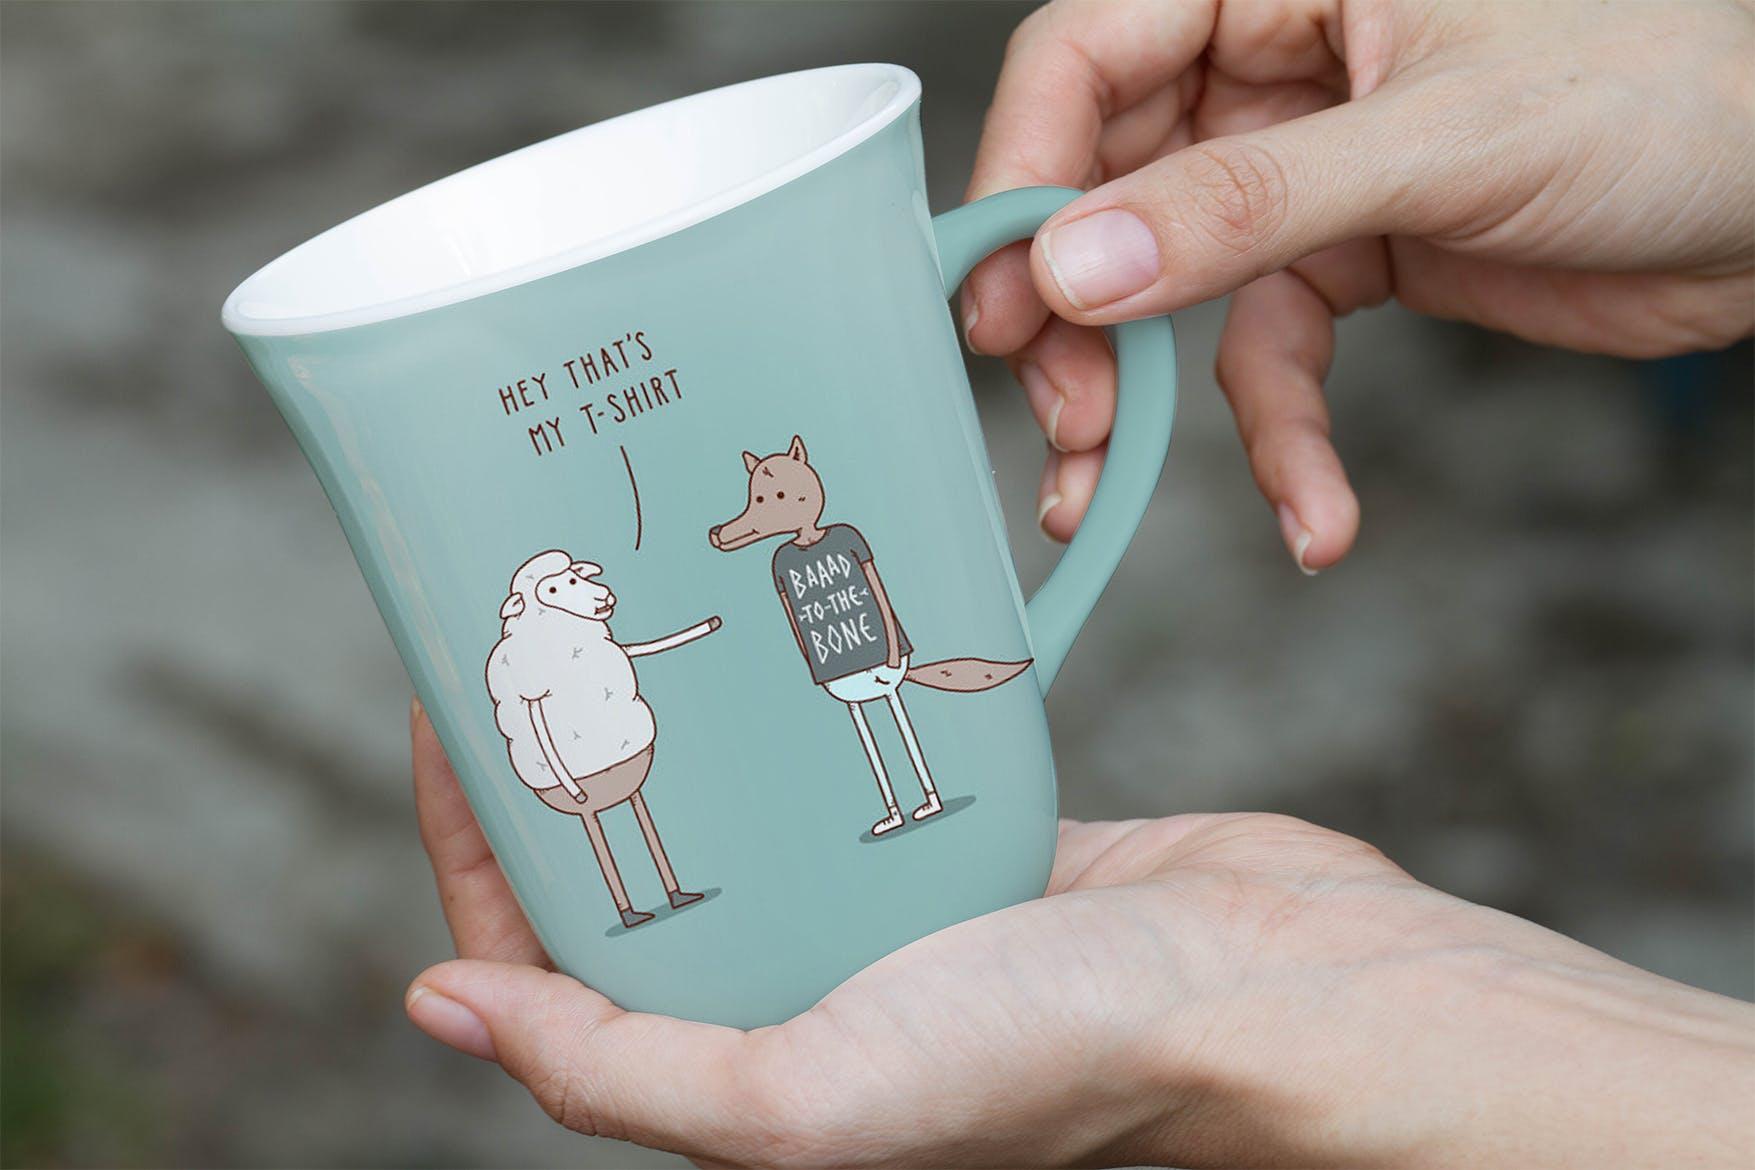 手持饮水杯卡通孟系列多场景卡通被子样机Large Mug Mock Up